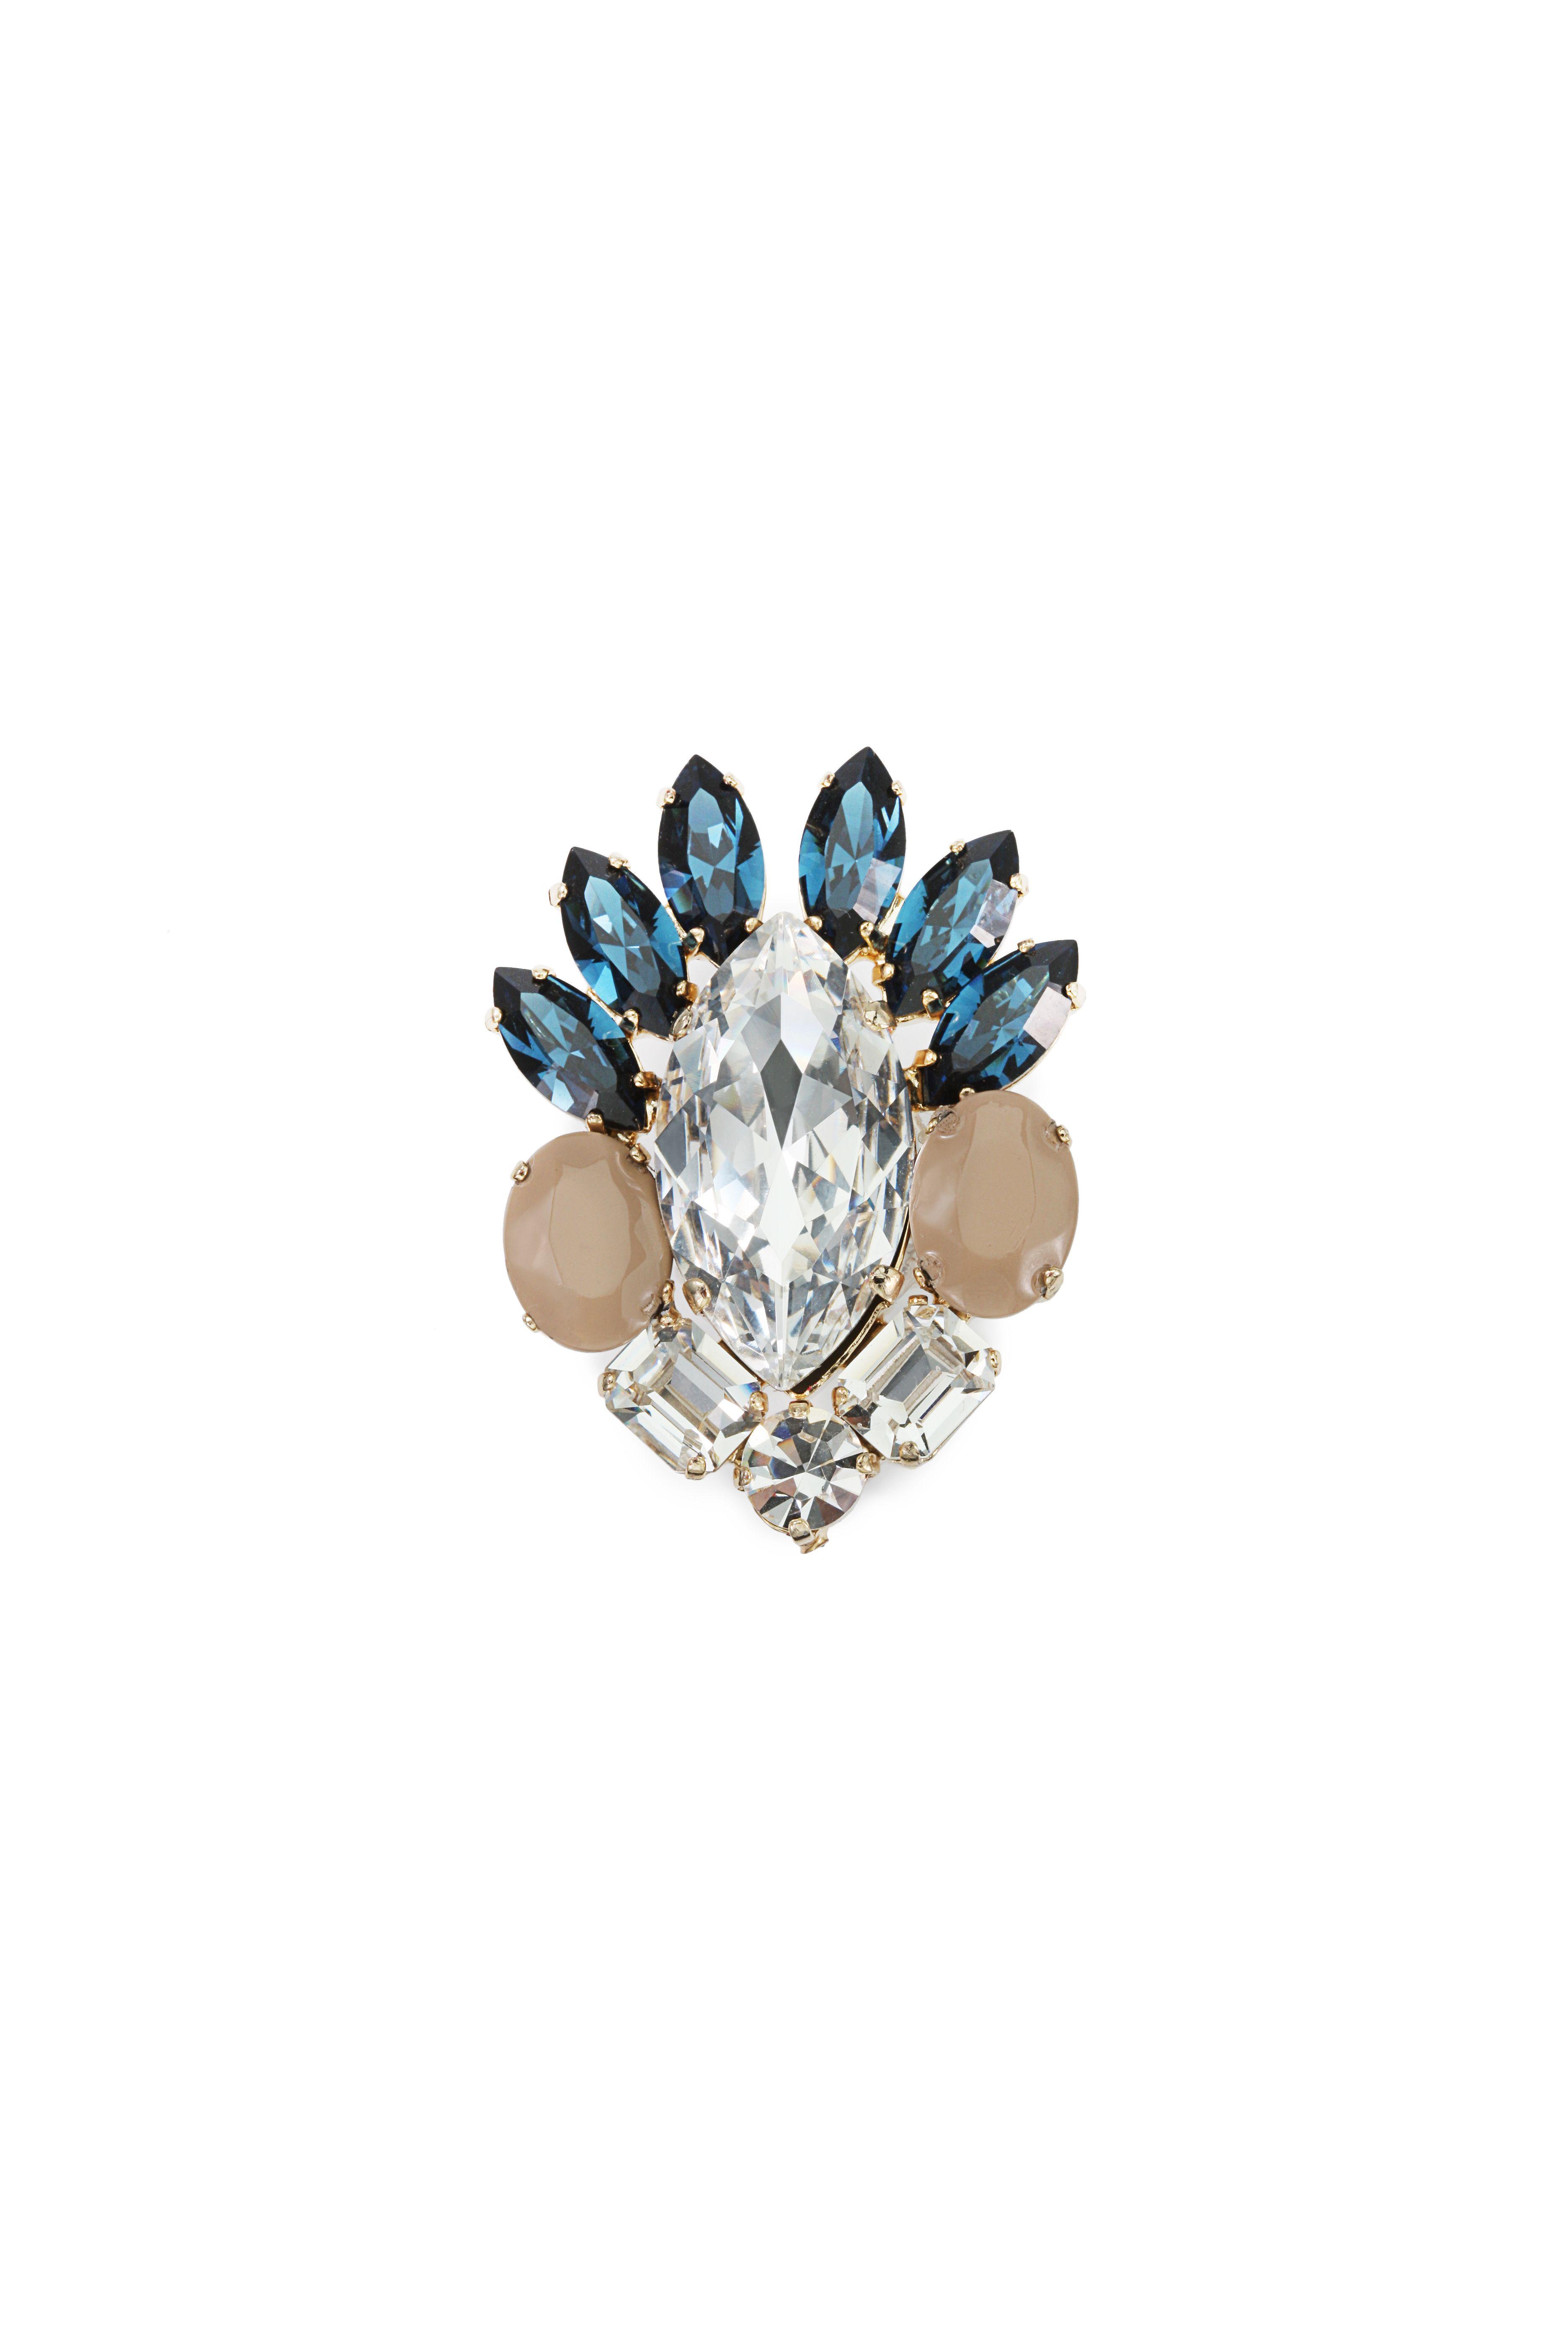 Beautiful Natan ring